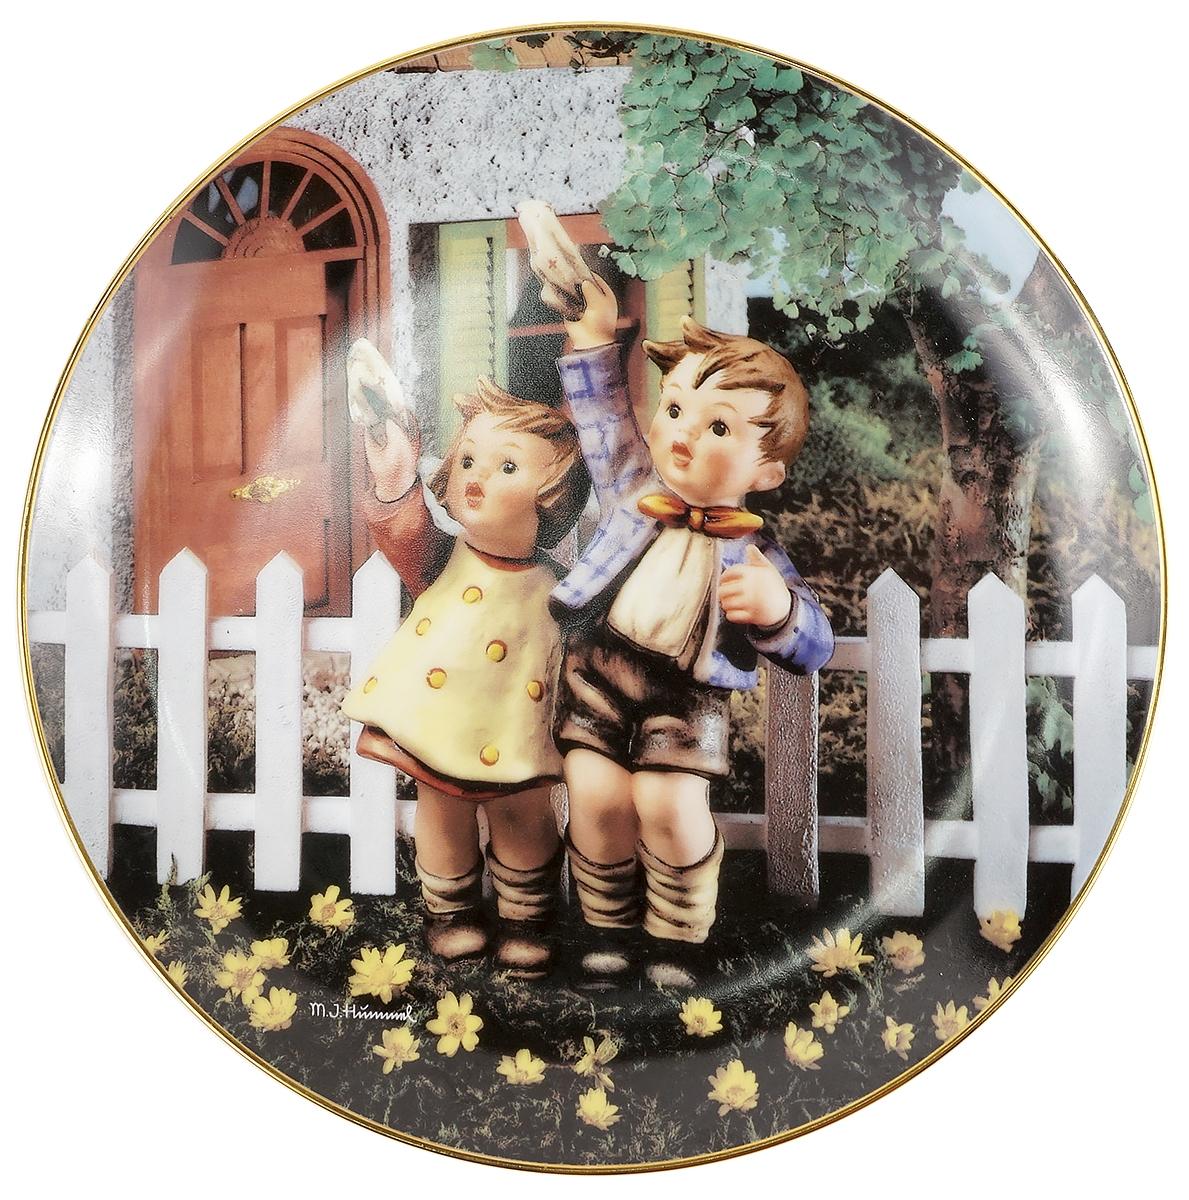 Декоративная тарелка Goebel Возвращайся скорее. Фарфор, деколь, золочение. Швейцария, вторая половина ХХ века чайный сервиз сорренто на 3 персоны 12 предметов фарфор деколь золочение royal albert великобритания вторая половина хх века